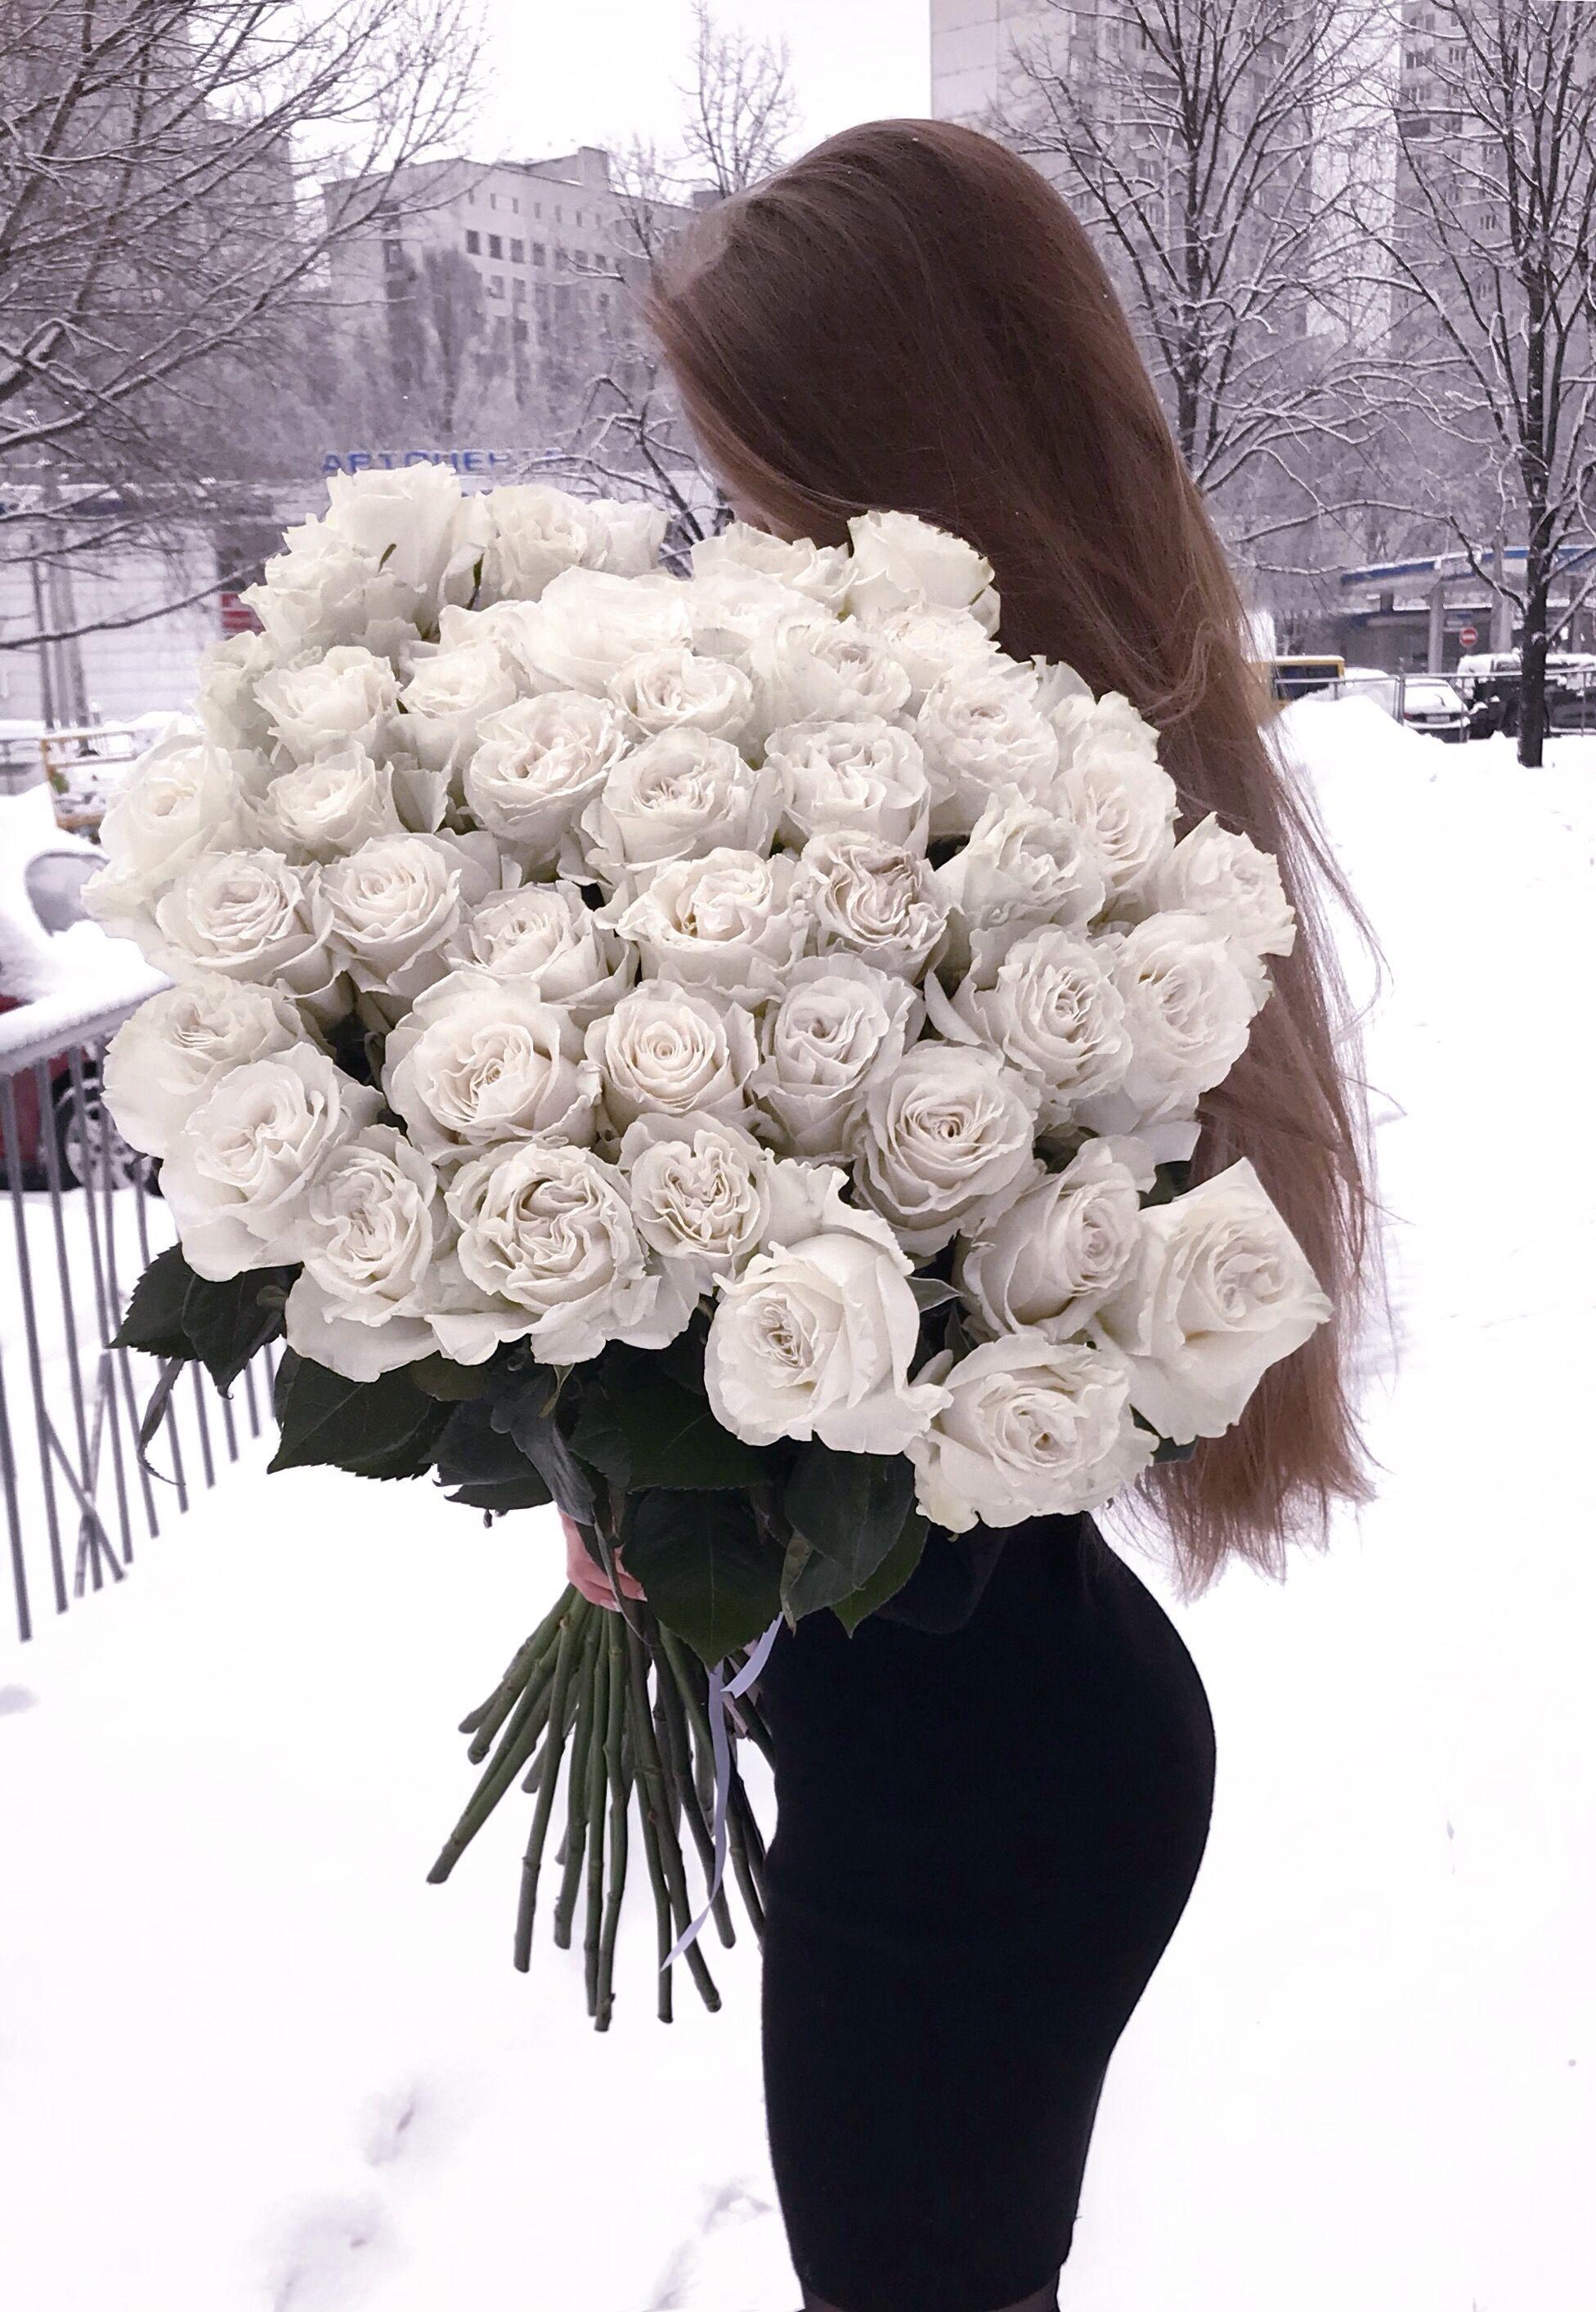 Pin By Marta Jarosz On Flowers Love Rose Flower Flower Aesthetic Flowers Bouquet